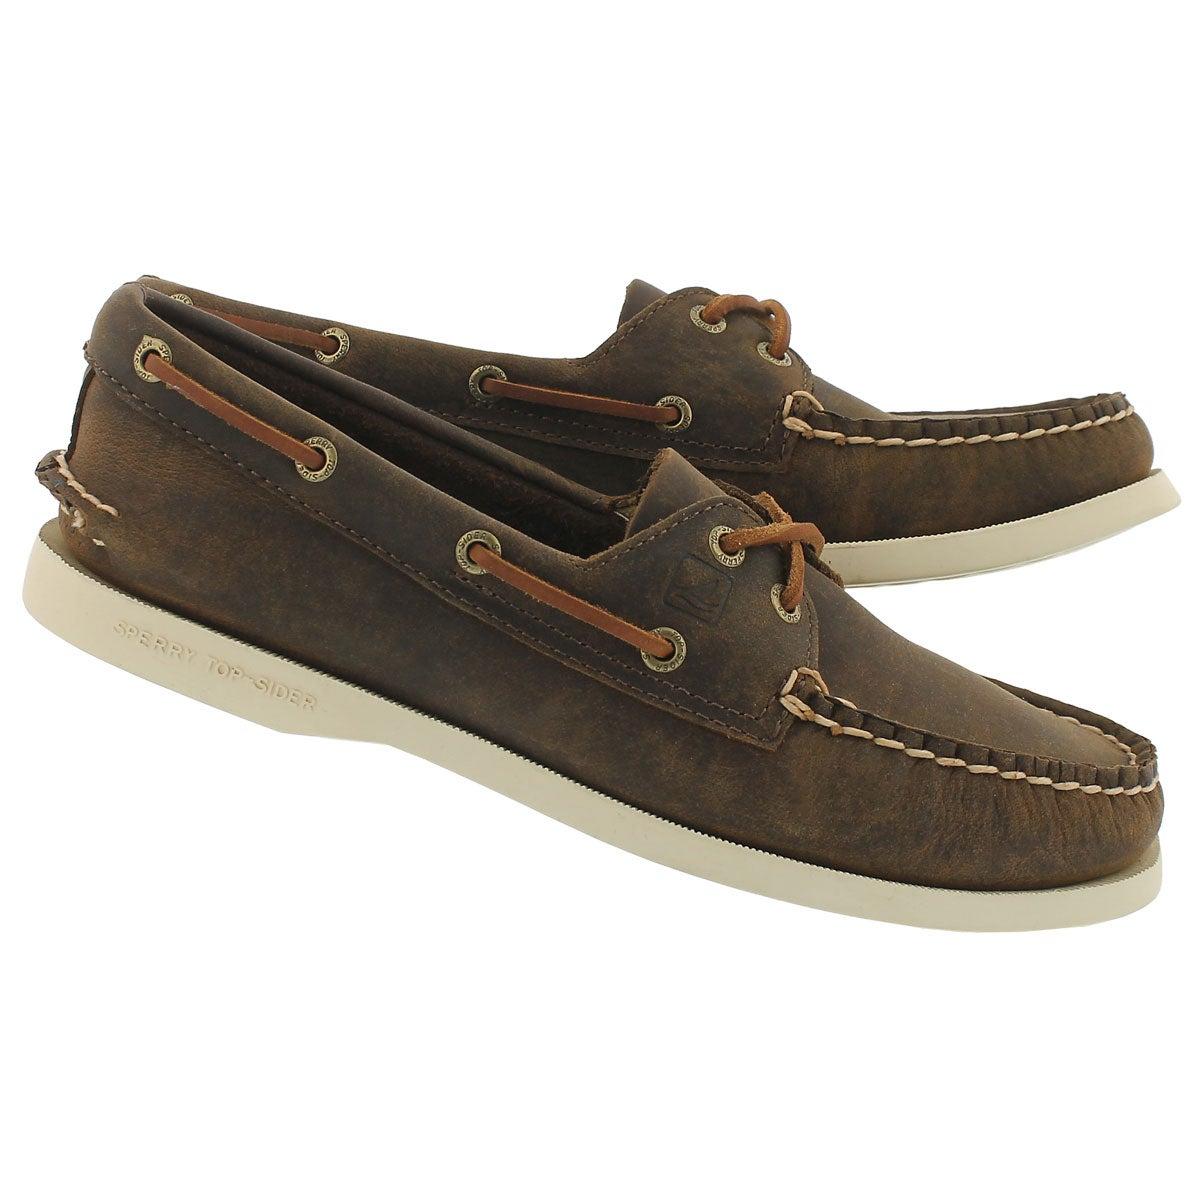 Lds A/O 2-eye brn distressed boat shoe